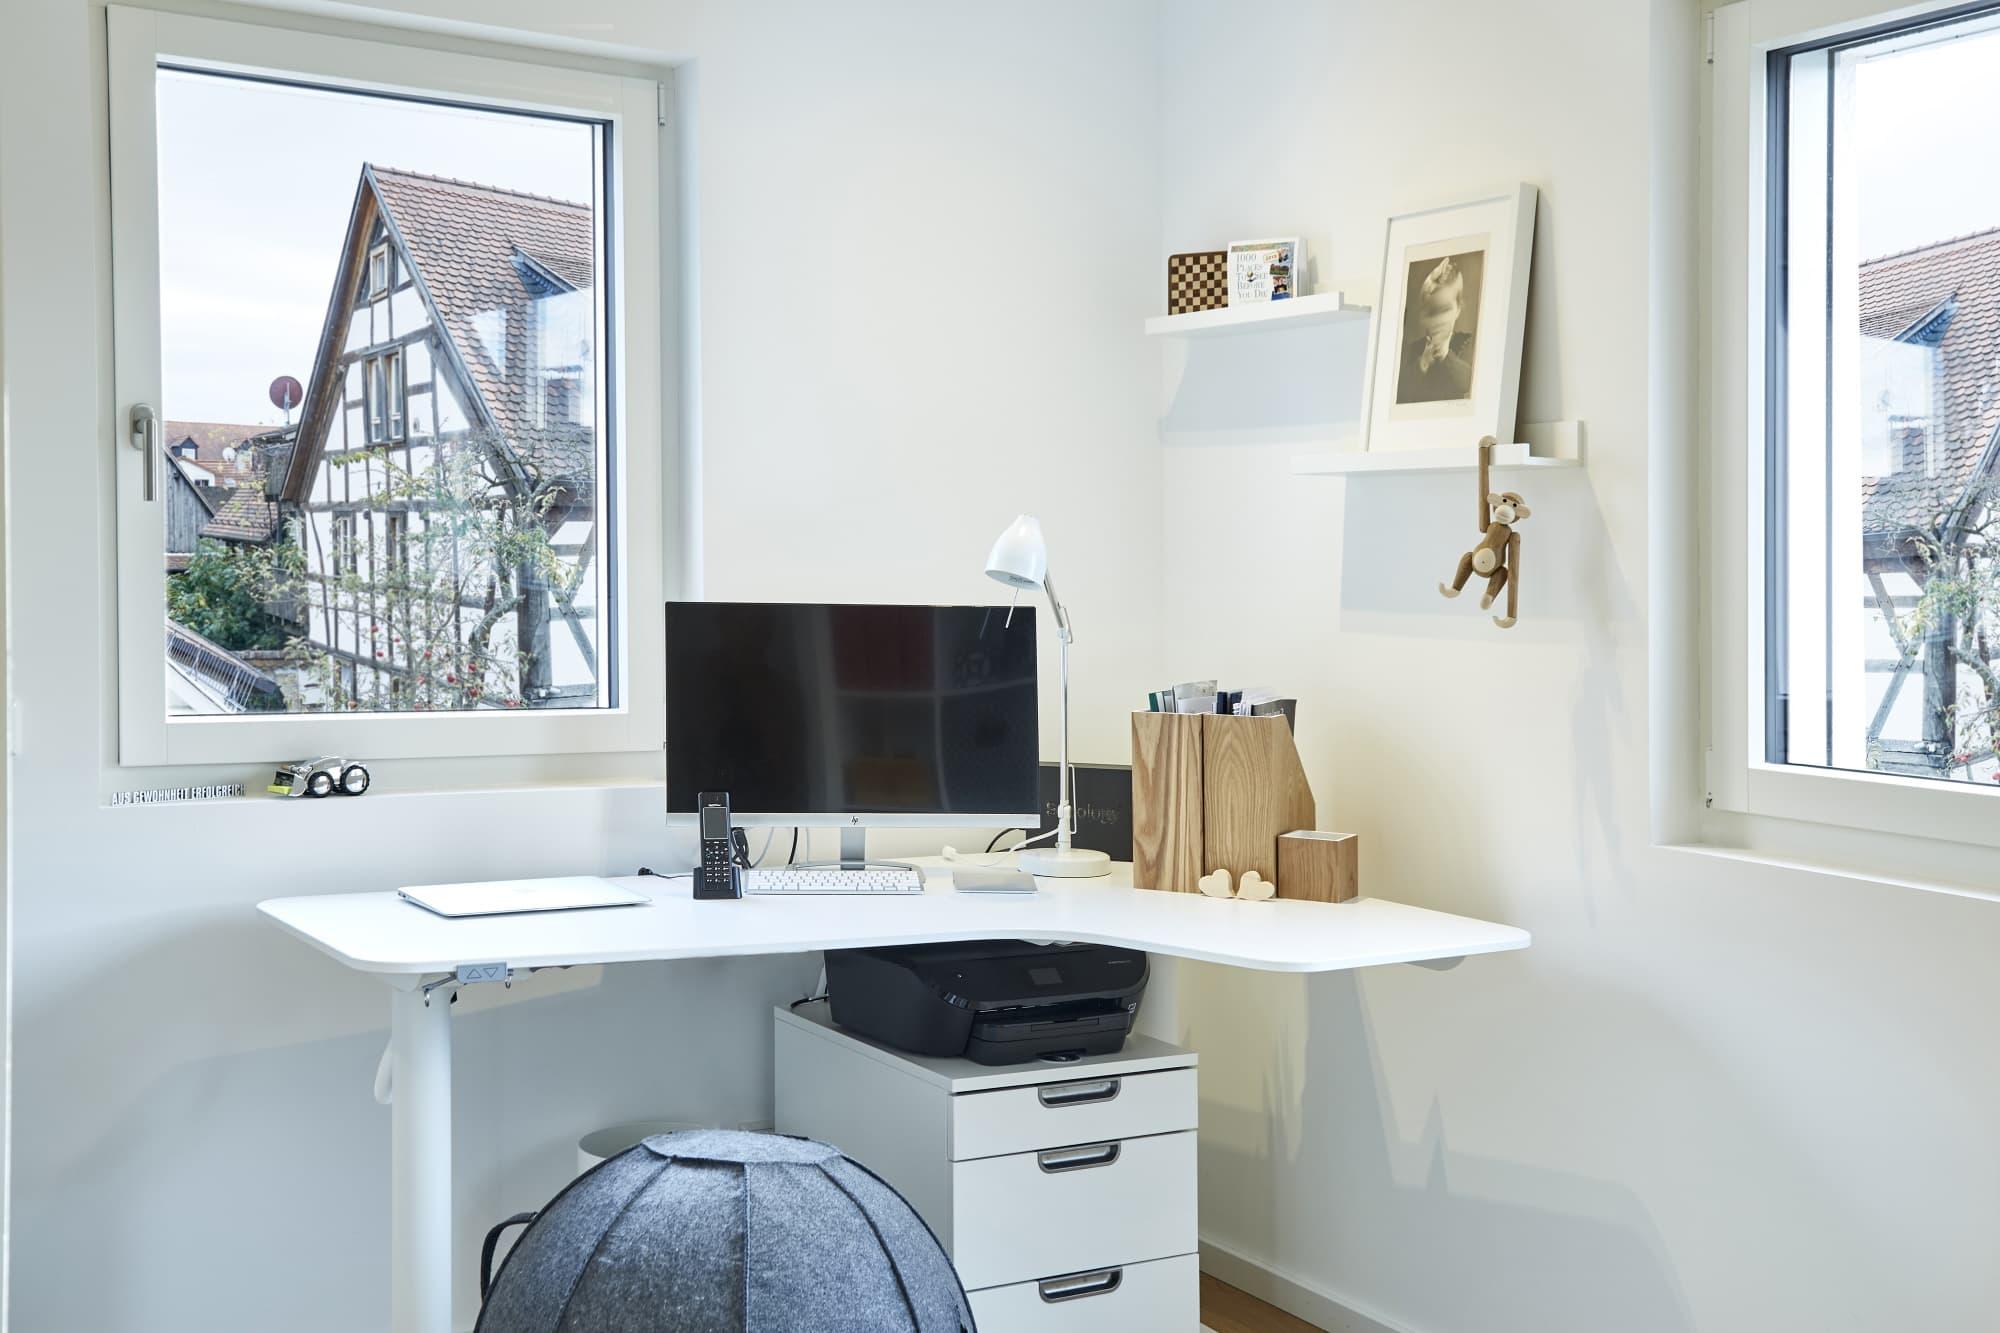 Arbeitszimmer mit kleinem Eckschreibtisch - Inneneinrichtung Haus Design Baufritz STADTHAUS EHRMANN - HausbauDirekt.de